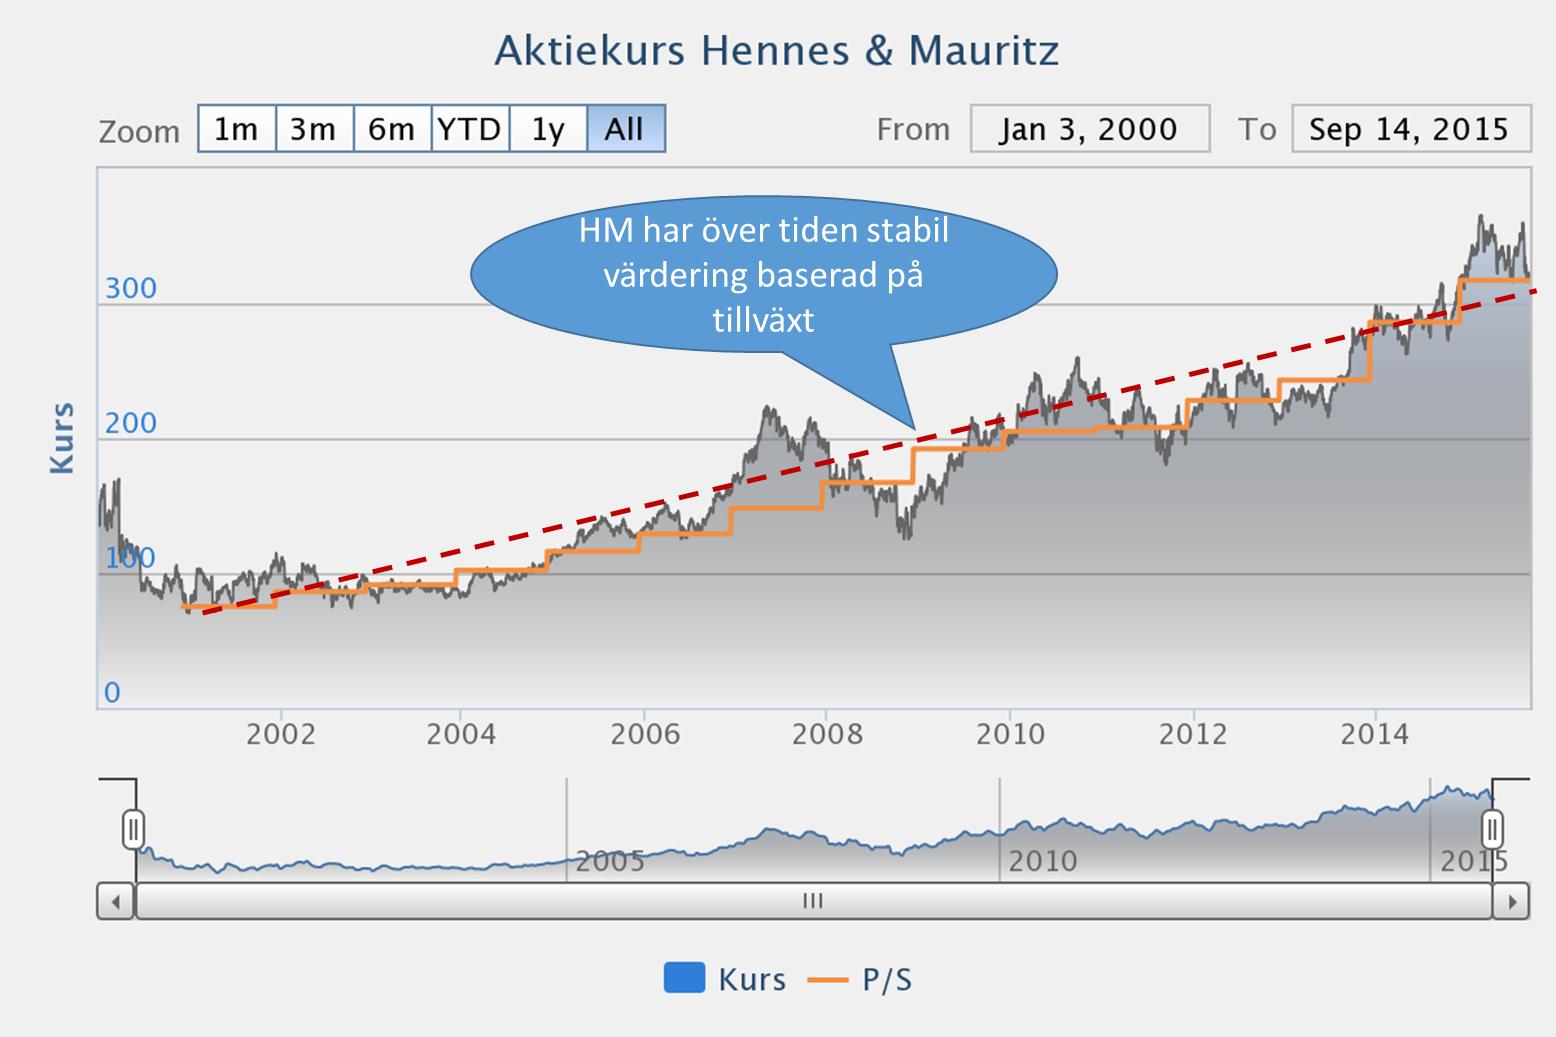 köpa hm aktier 2015